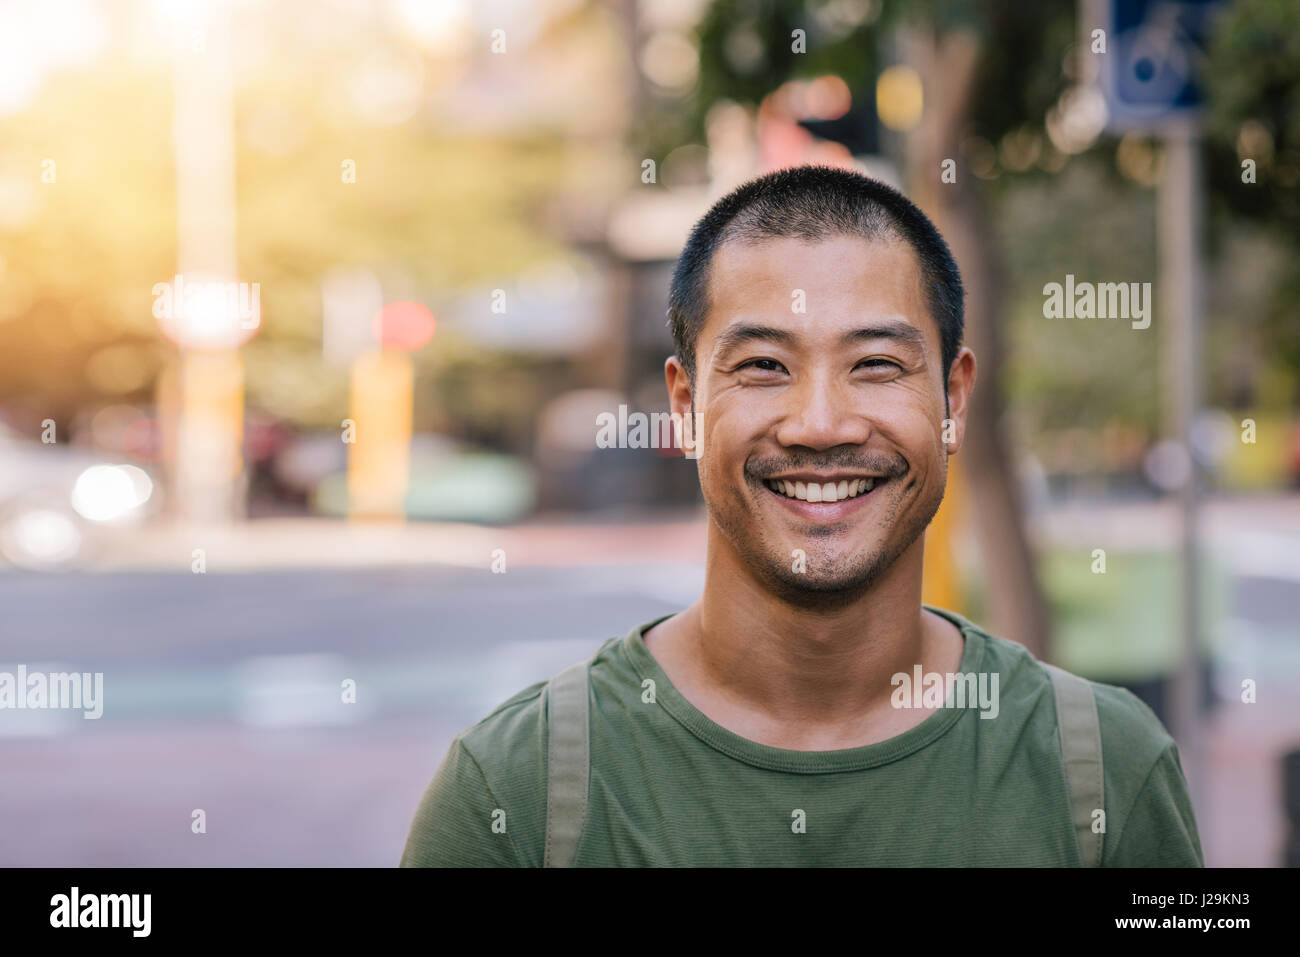 Giovani asiatici uomo sorridente con fiducia su una strada di città Immagini Stock